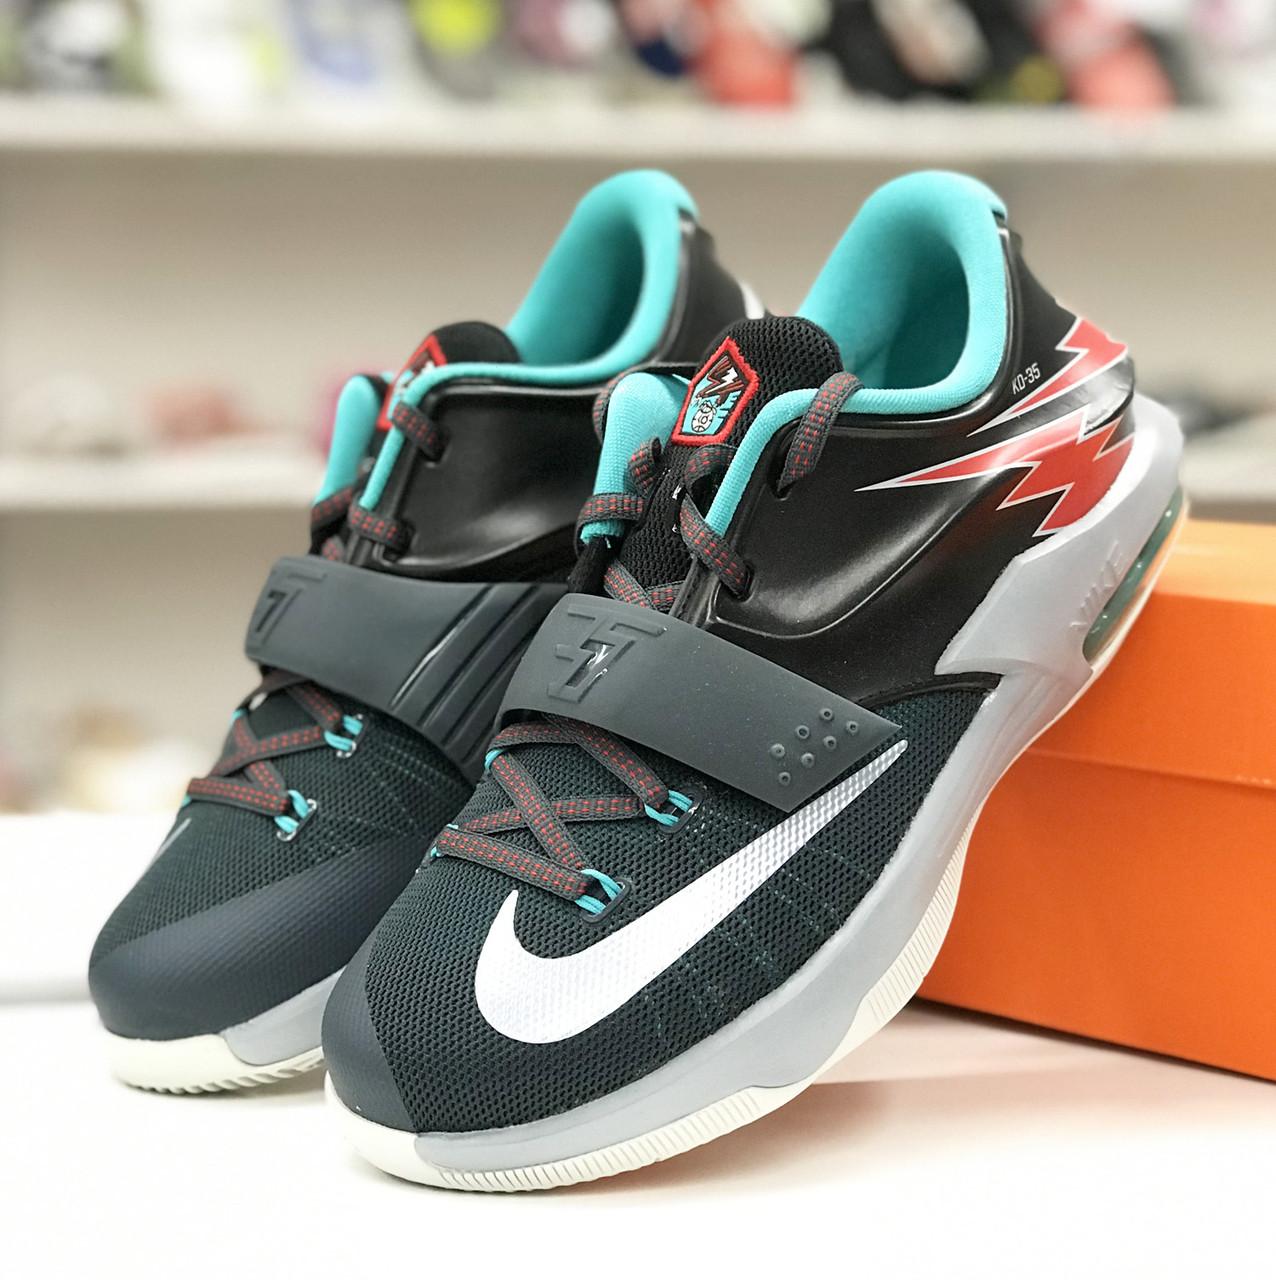 e86a2a34 Кроссовки мальчику Nike KD 7 р 38, спортивная обувь найк - Интернет-магазин  брендовой